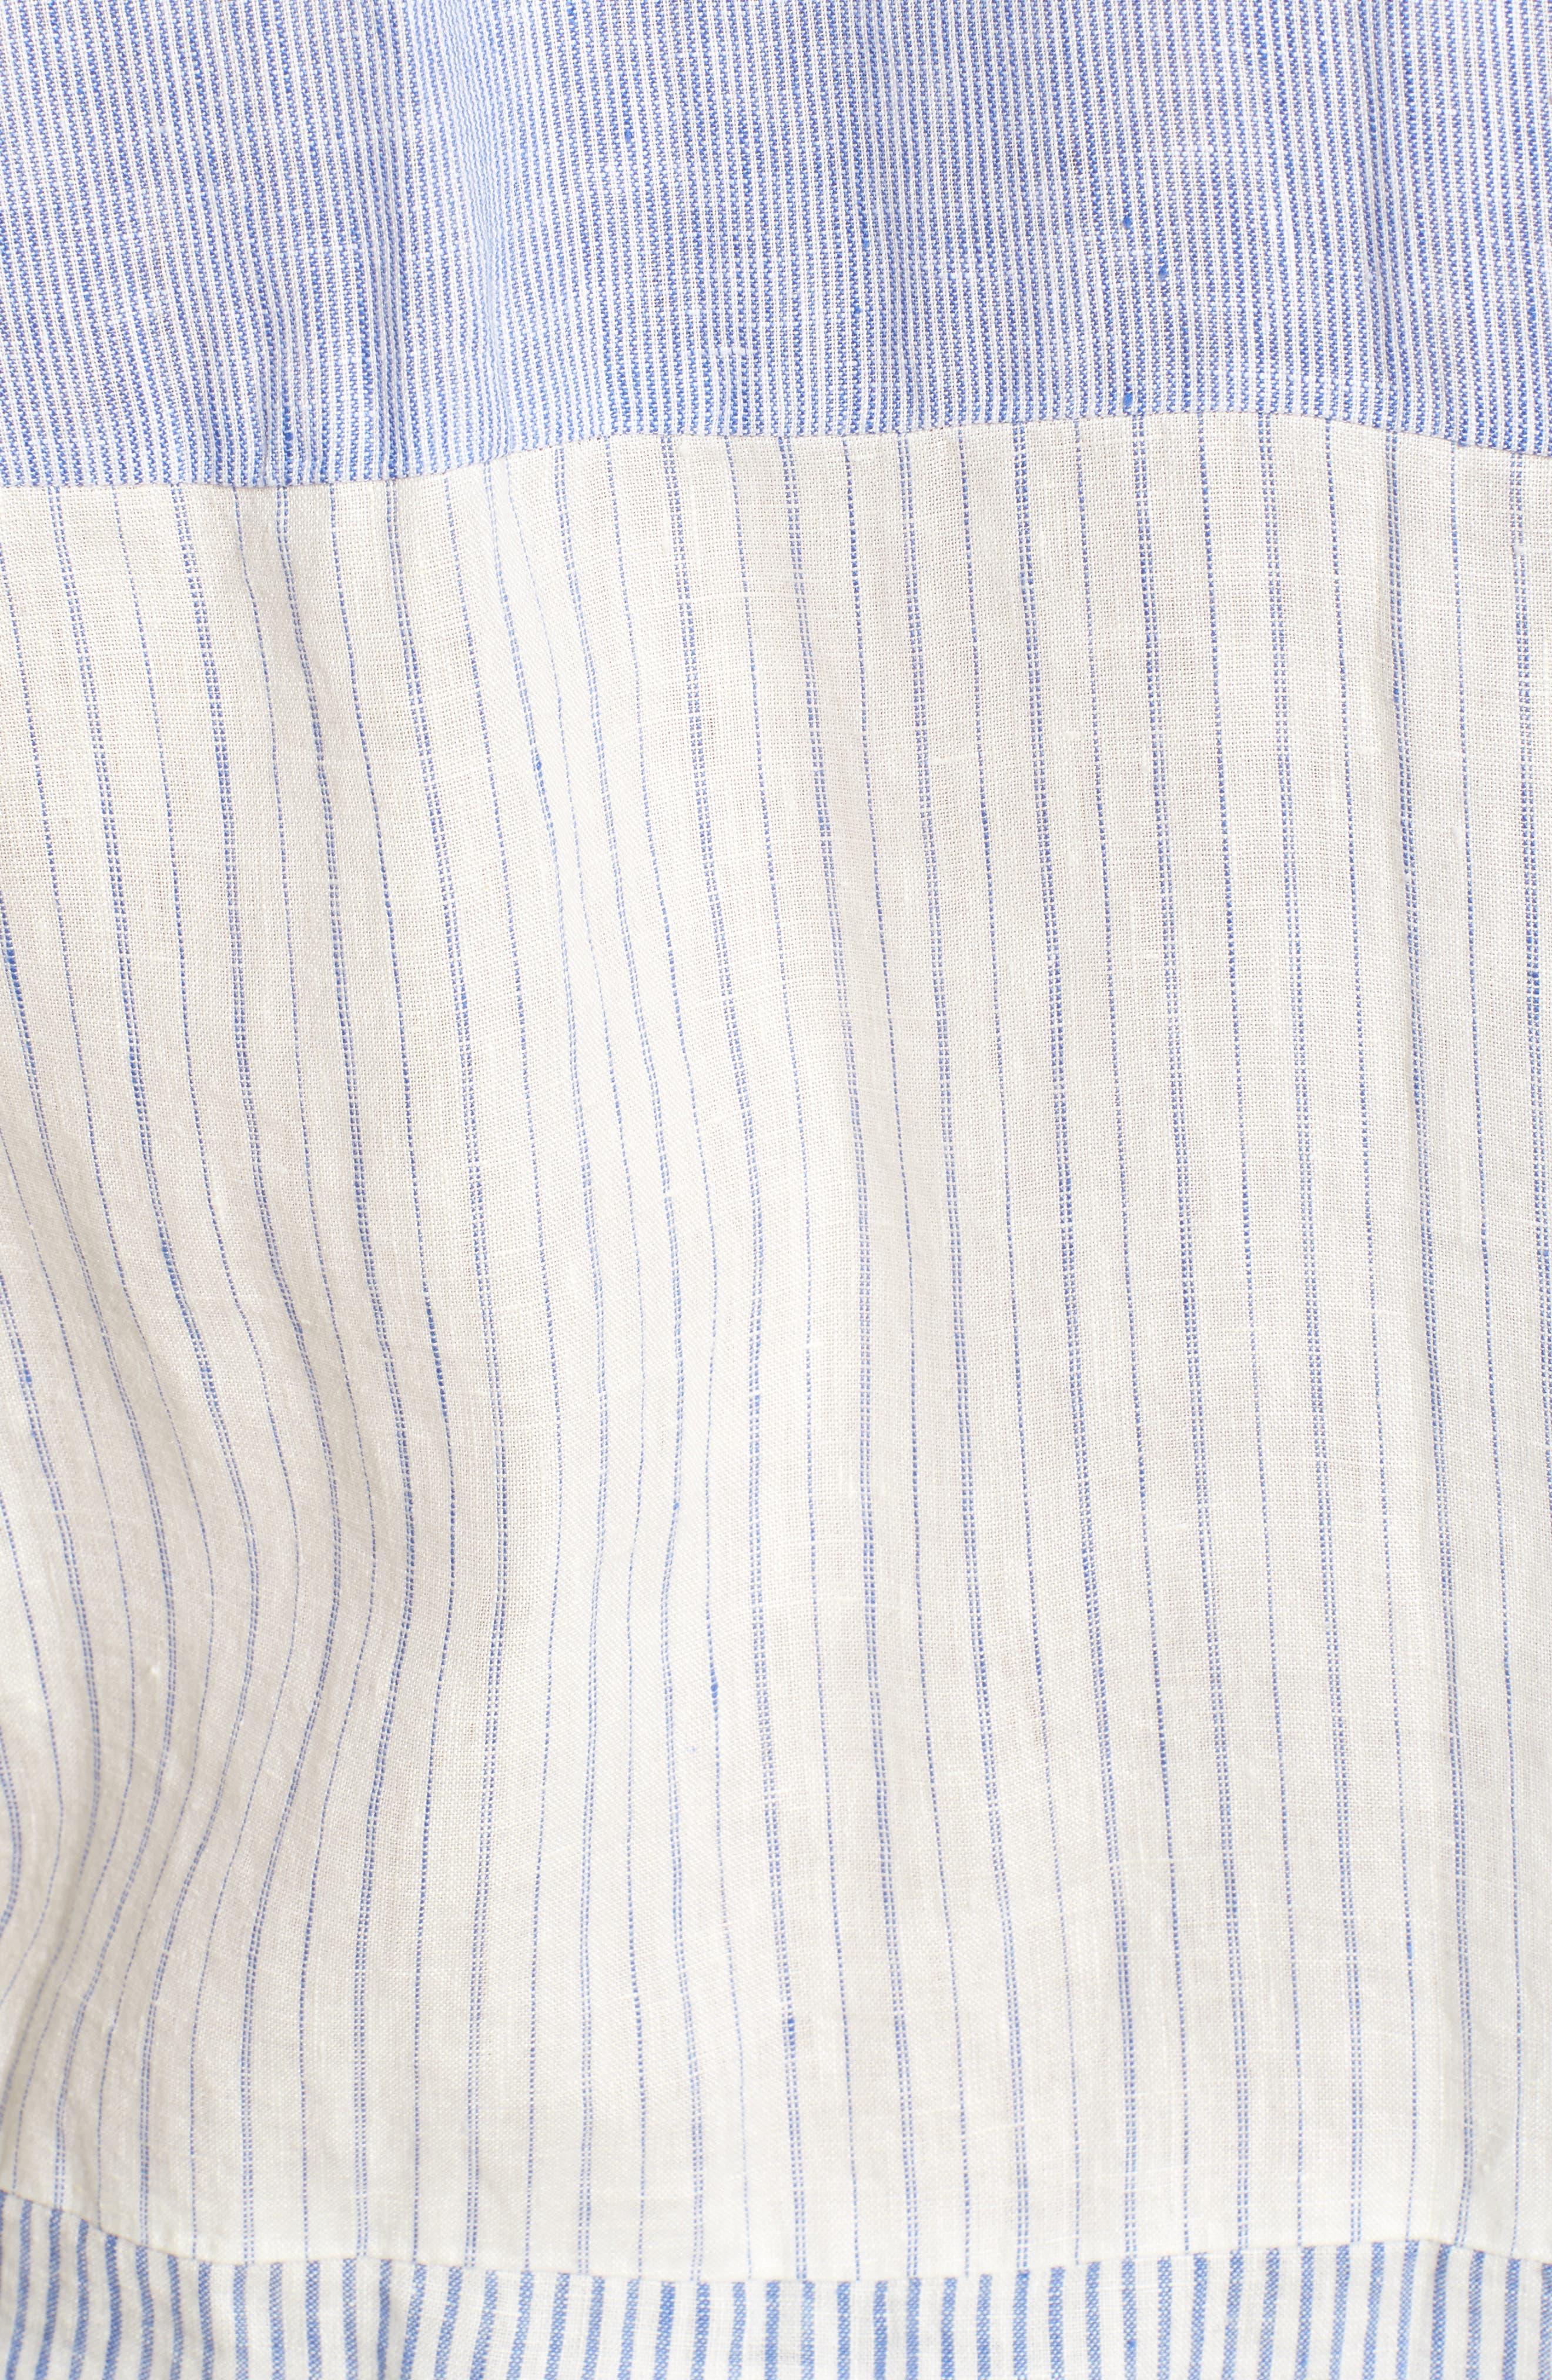 Relaxed Fit Stripe Linen & Cotton Sport Shirt,                             Alternate thumbnail 5, color,                             Rich Blue Stripes